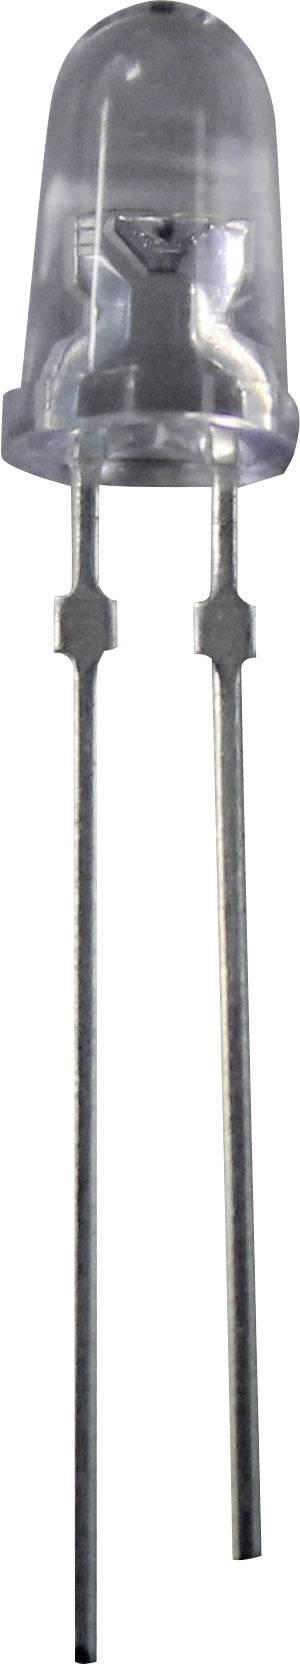 LEDsvývodmi Nichia NSPG-510BS, NSPG510AS, typ šošovky guľatý, 5 mm, zelená